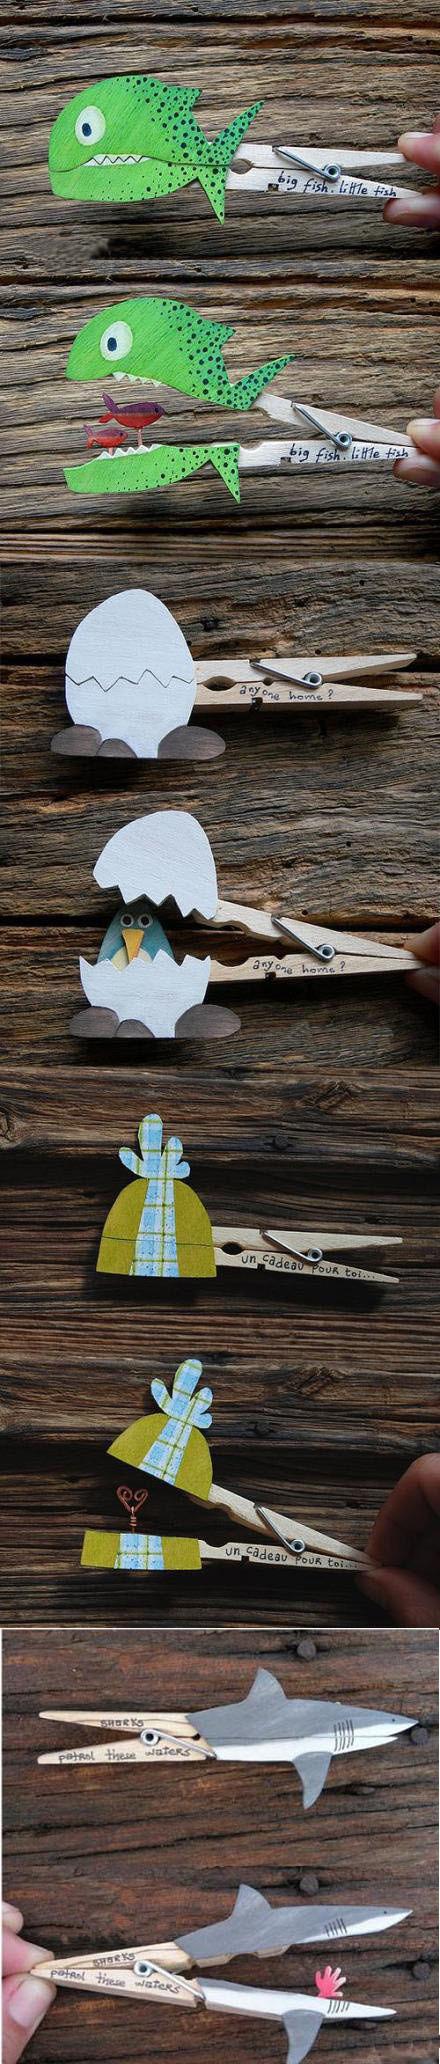 Con pinzas de la ropa y con dibujos de animales hechos en una cartulina, los niño